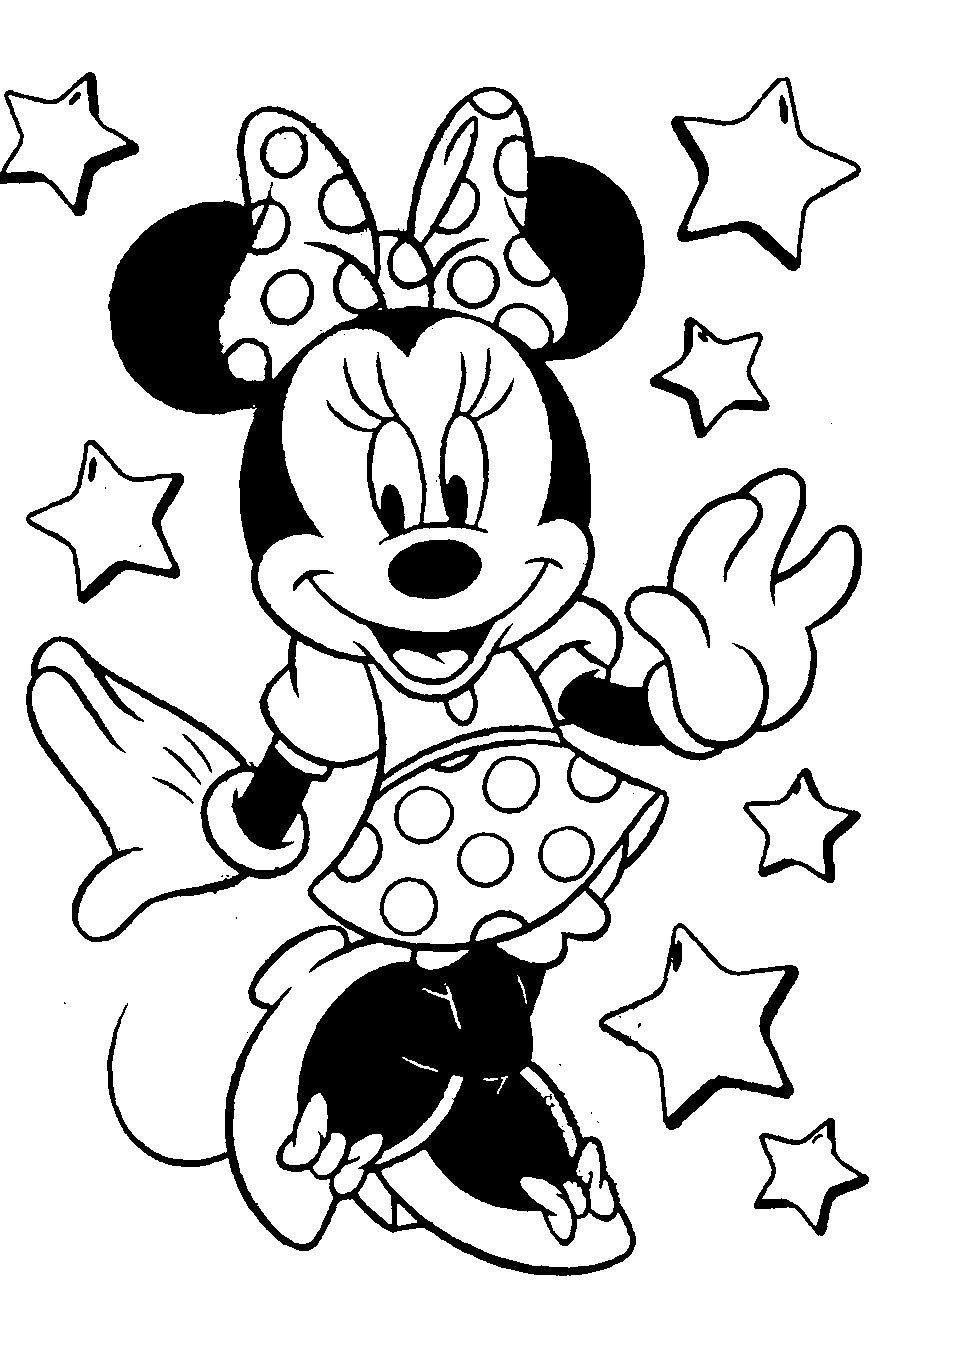 ディズニーぬりえ ミッキーミニー ディズニー Minnie Mouse